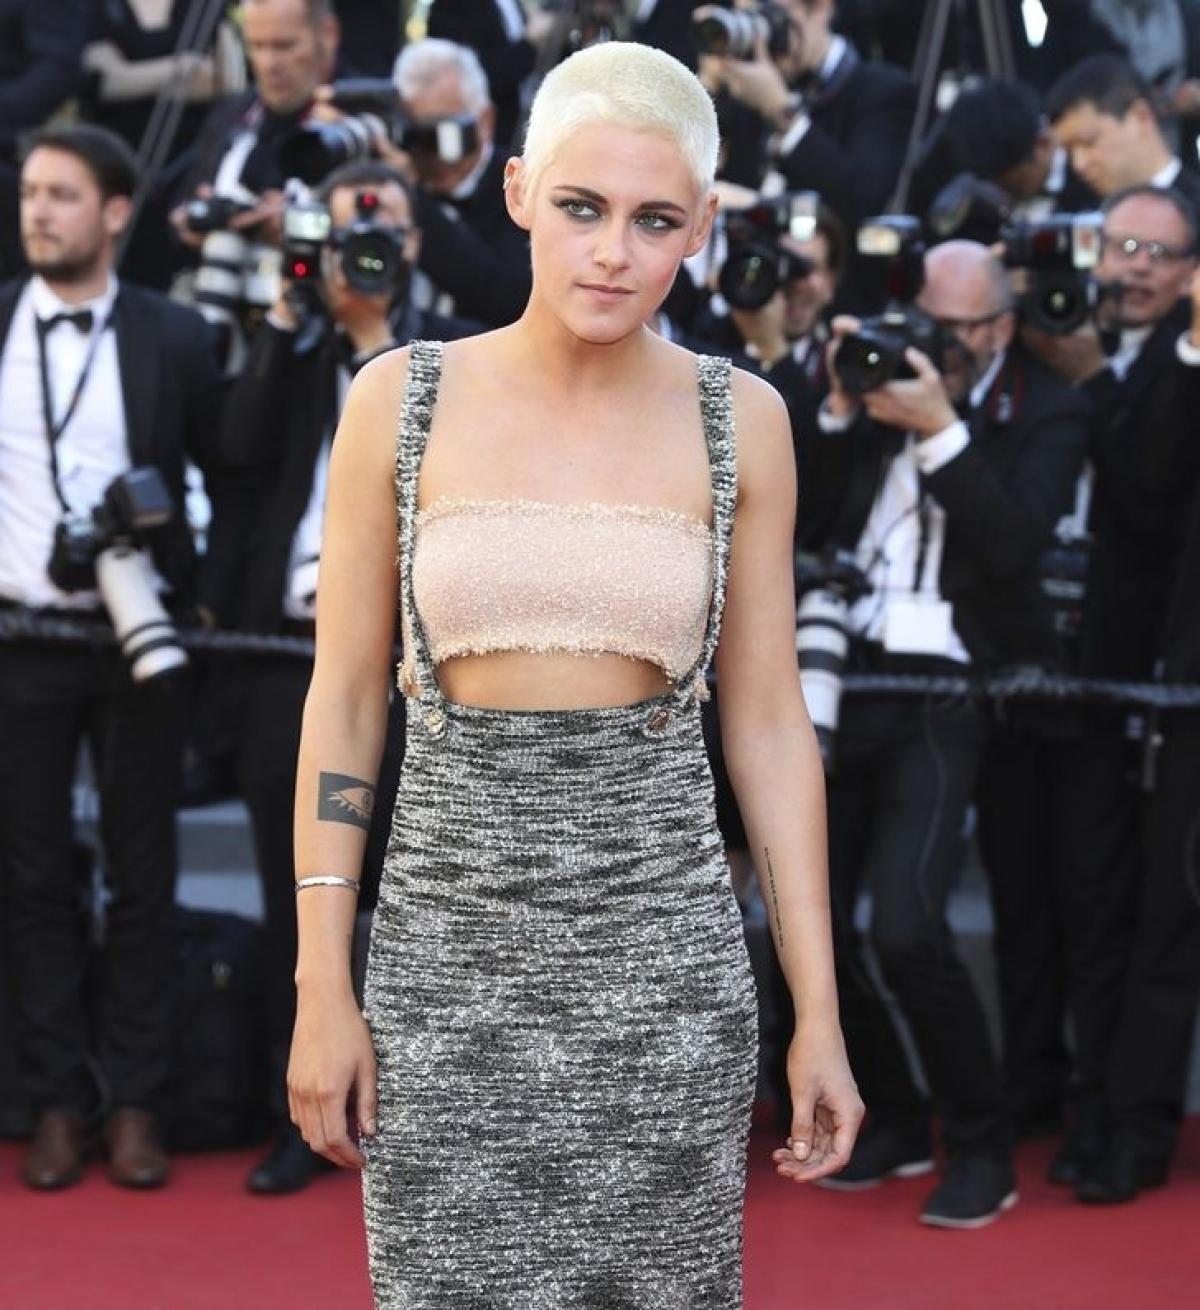 Kristen Stewart đến buổi công chiếu tại Liên hoan phim Cannes vớitrang phụcđơn giản đến lạ thường:áo quây và váy dài.Hóa ra, đó là một chiếc váy của Chanel.